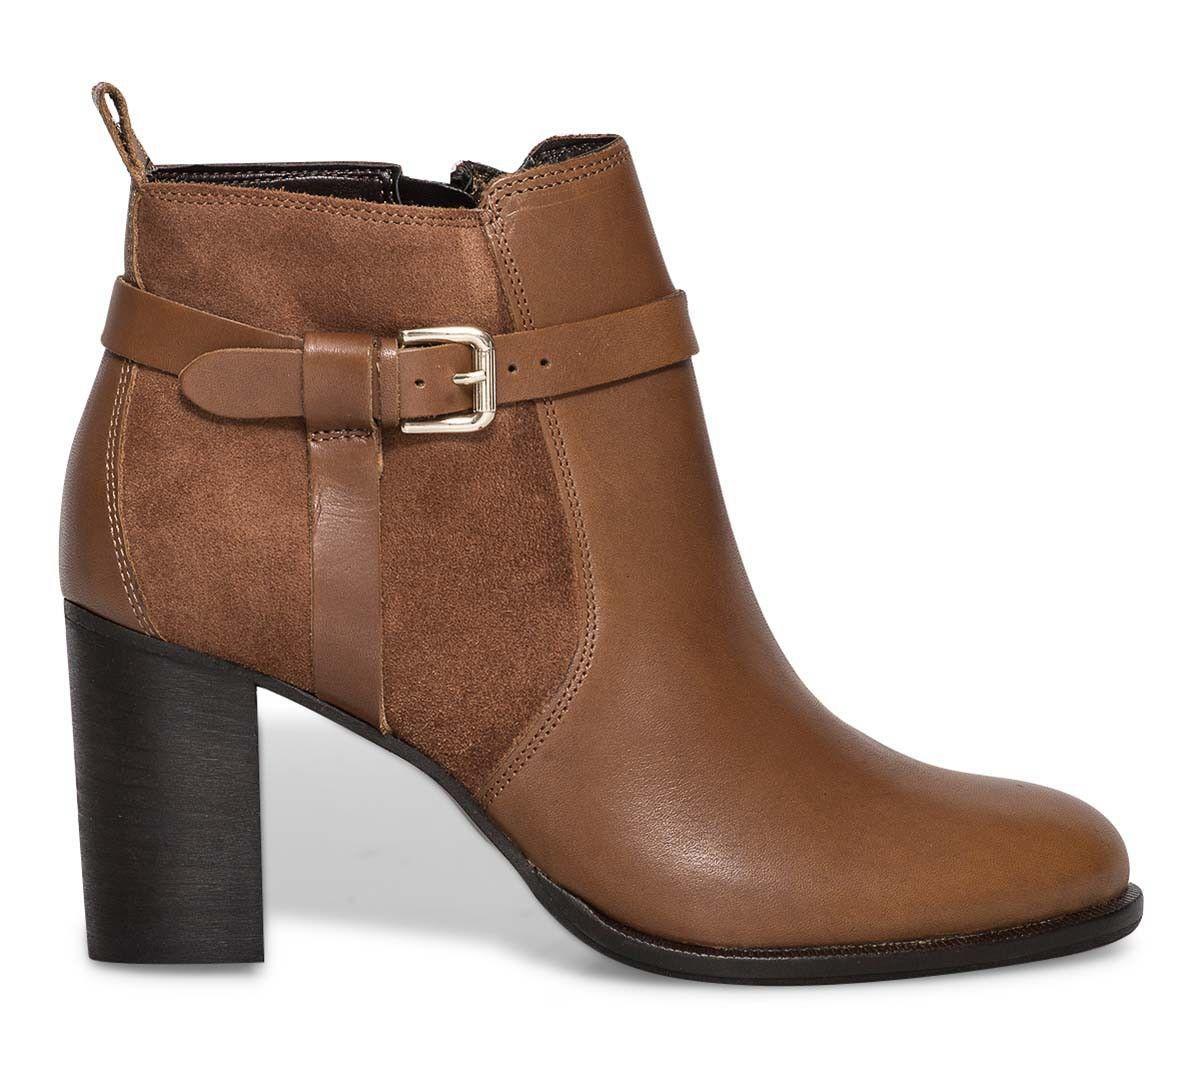 bottes plates femme cuir marron. Black Bedroom Furniture Sets. Home Design Ideas